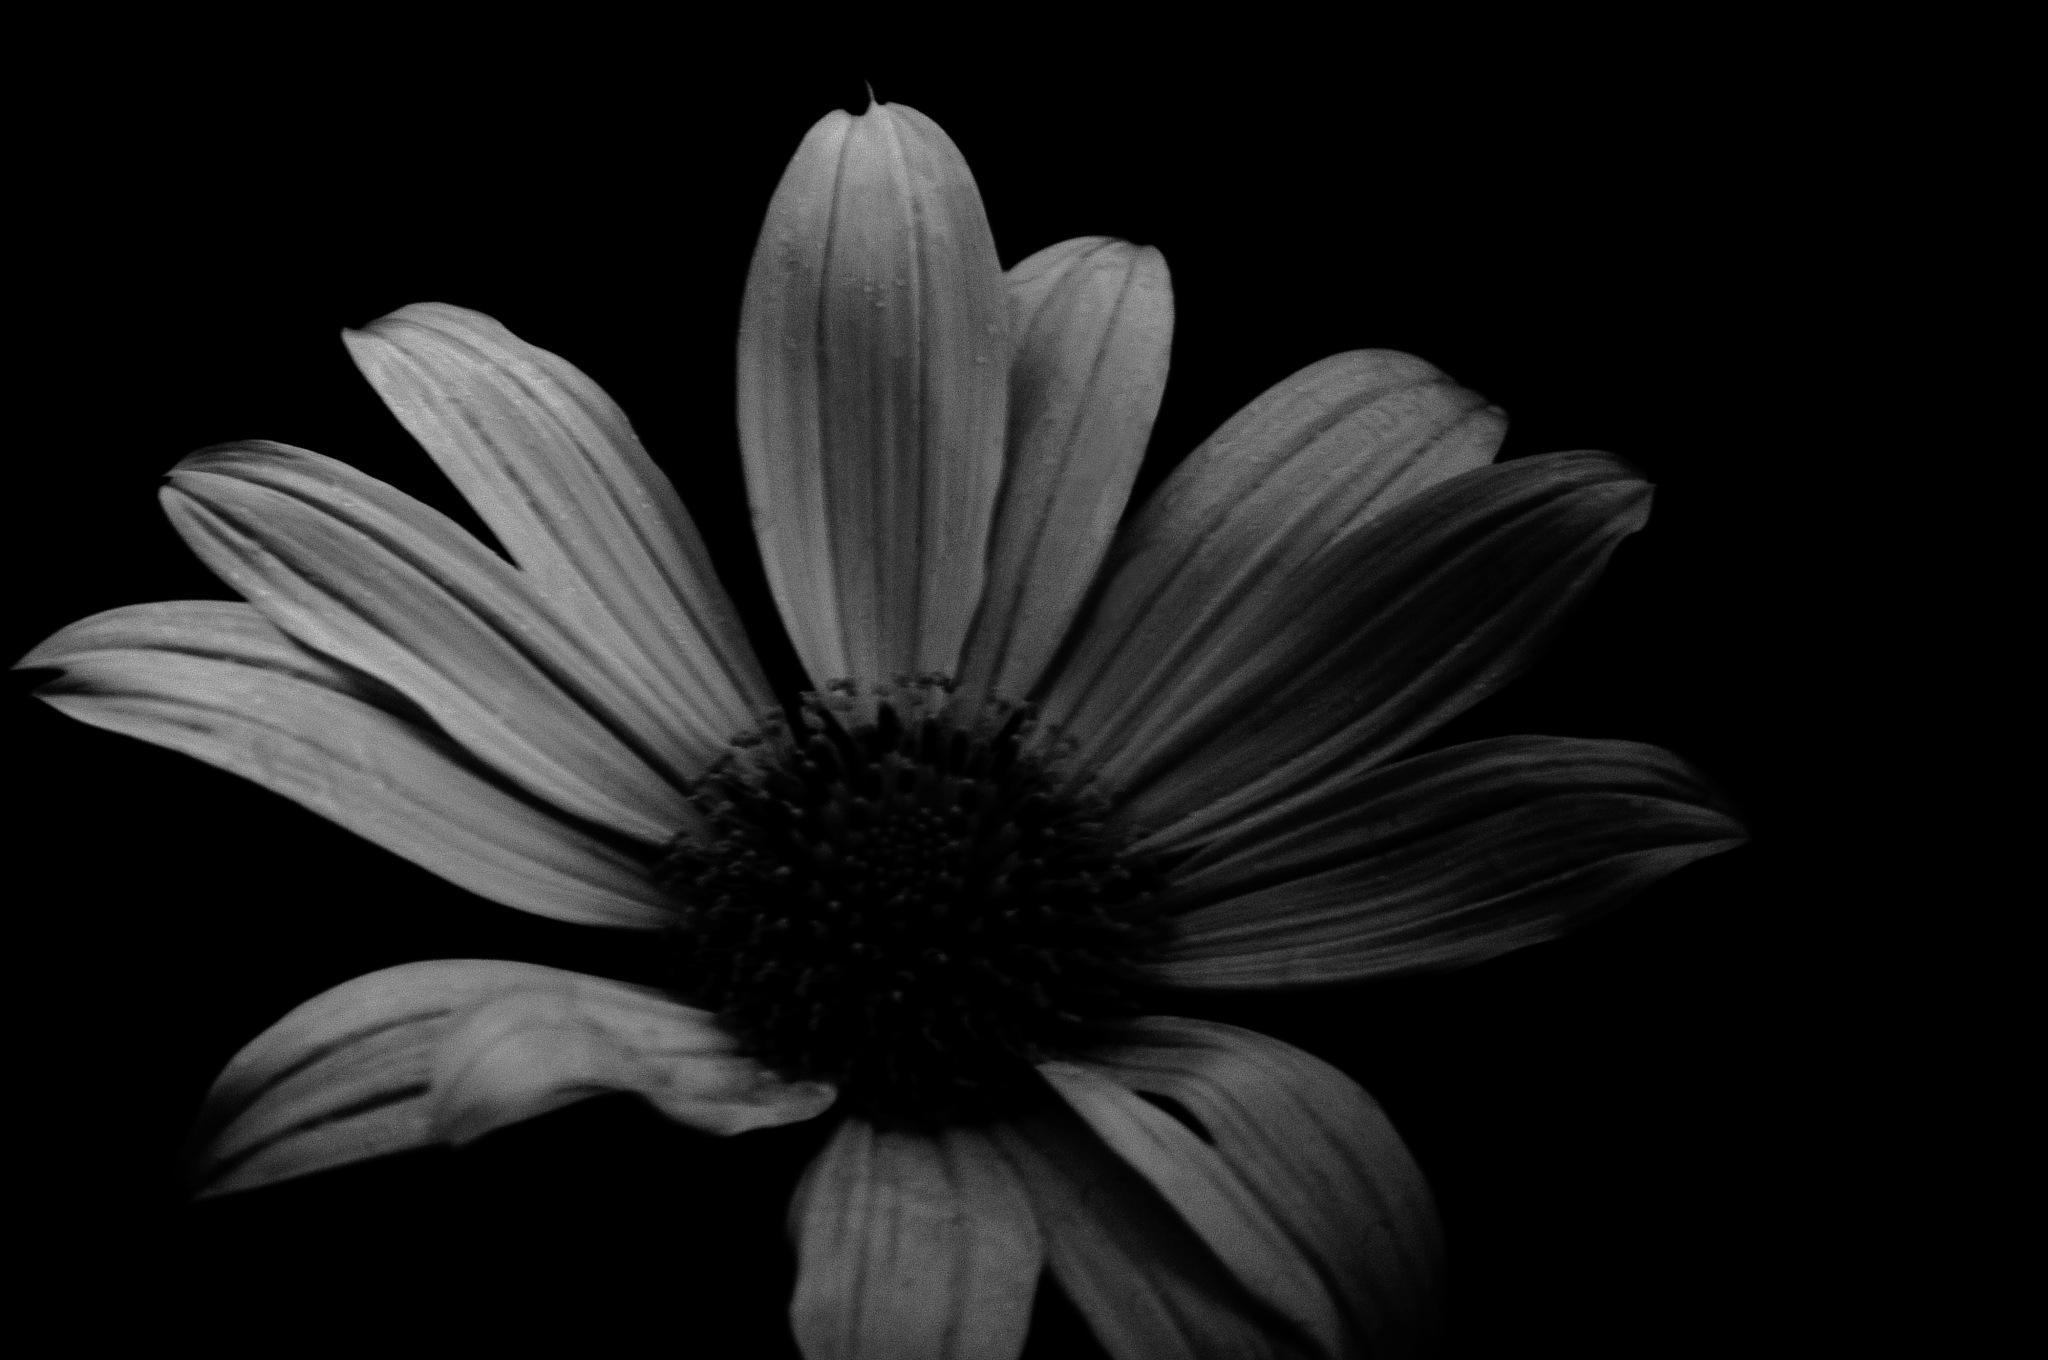 flor em P&W by Aurelio Fabian